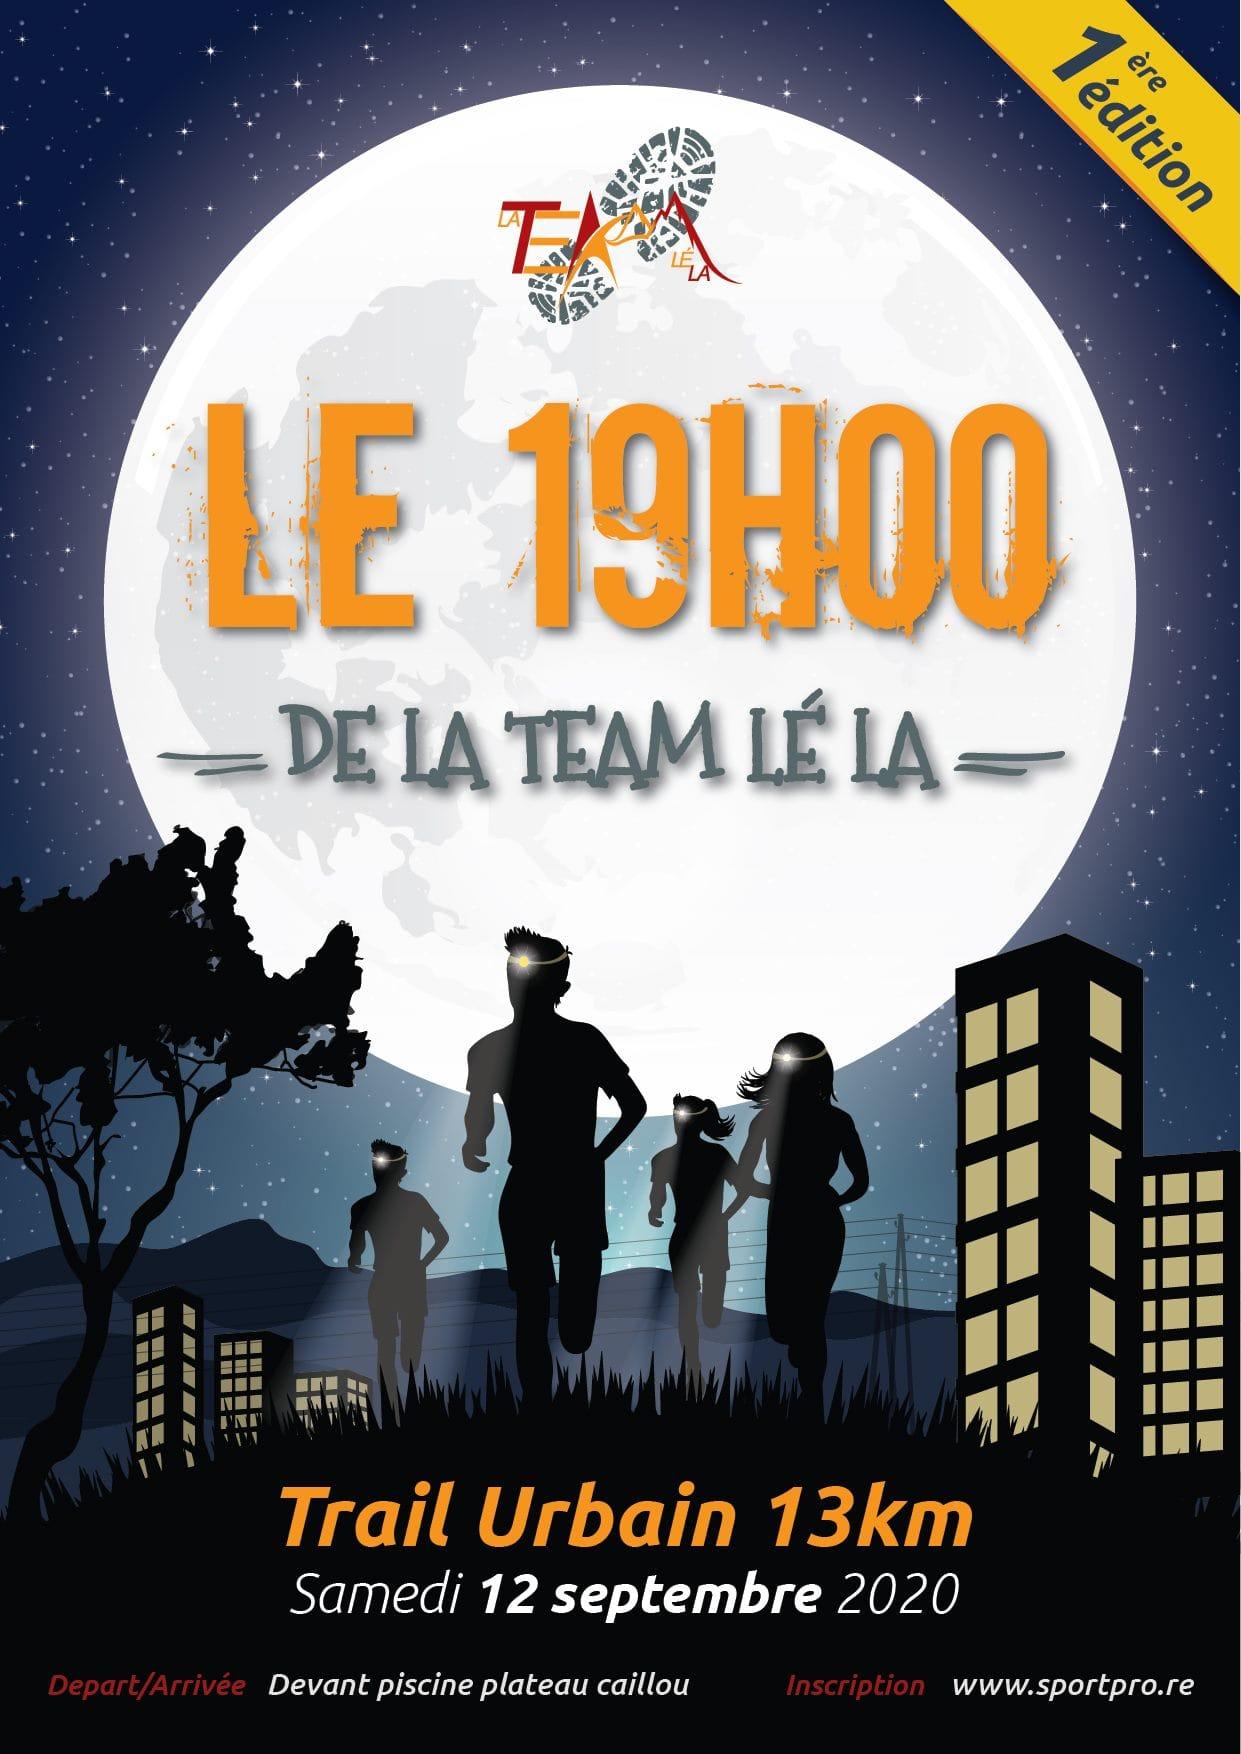 Affiche-19h-La-Team-Le-La-2020